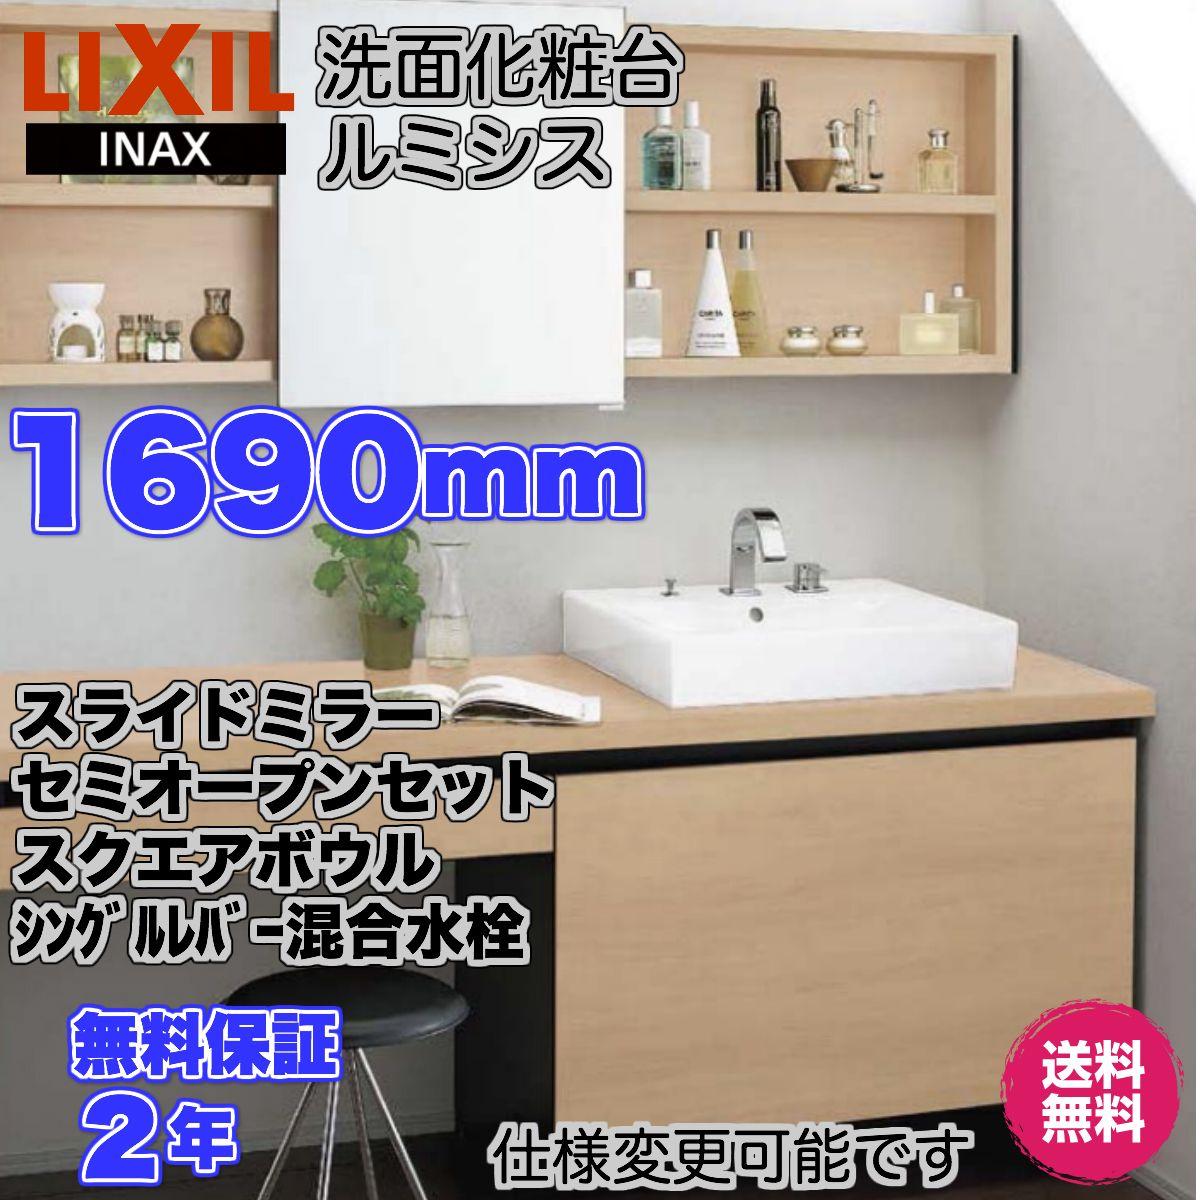 楽天市場 リクシル ルミシス 洗面化粧台 1690mm幅 スライドミラー